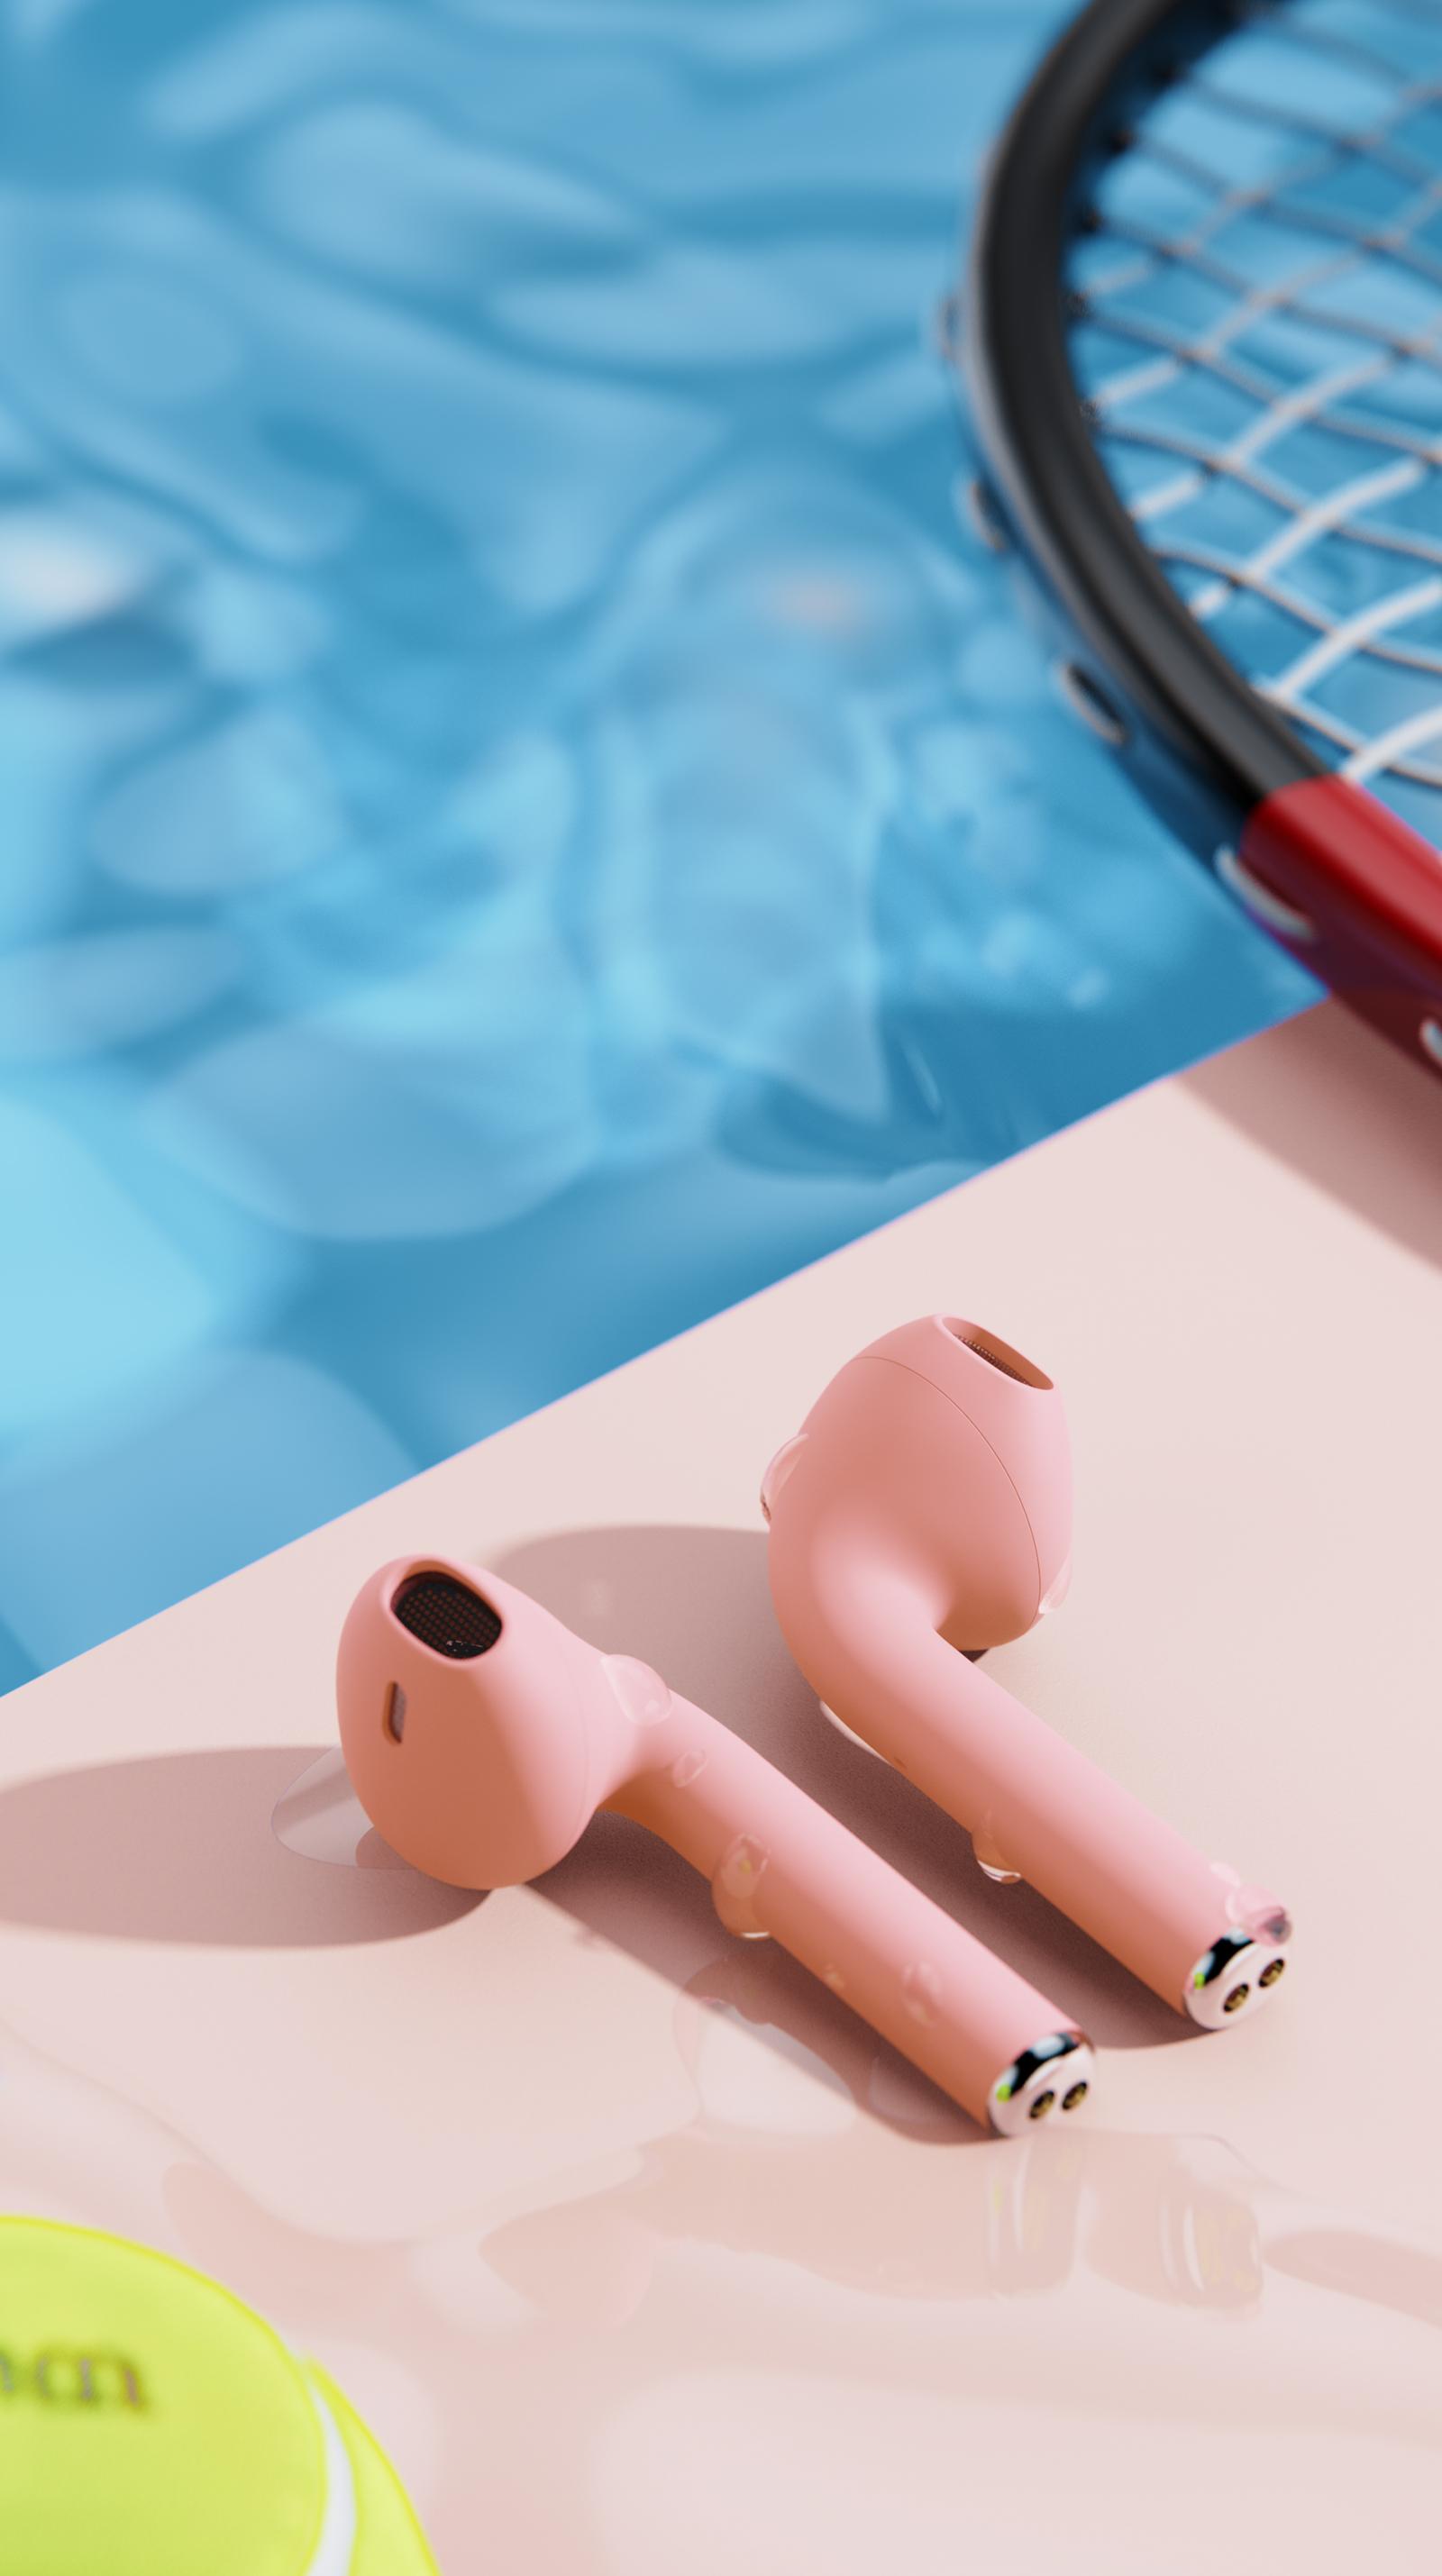 粉唧唧耳机渲染